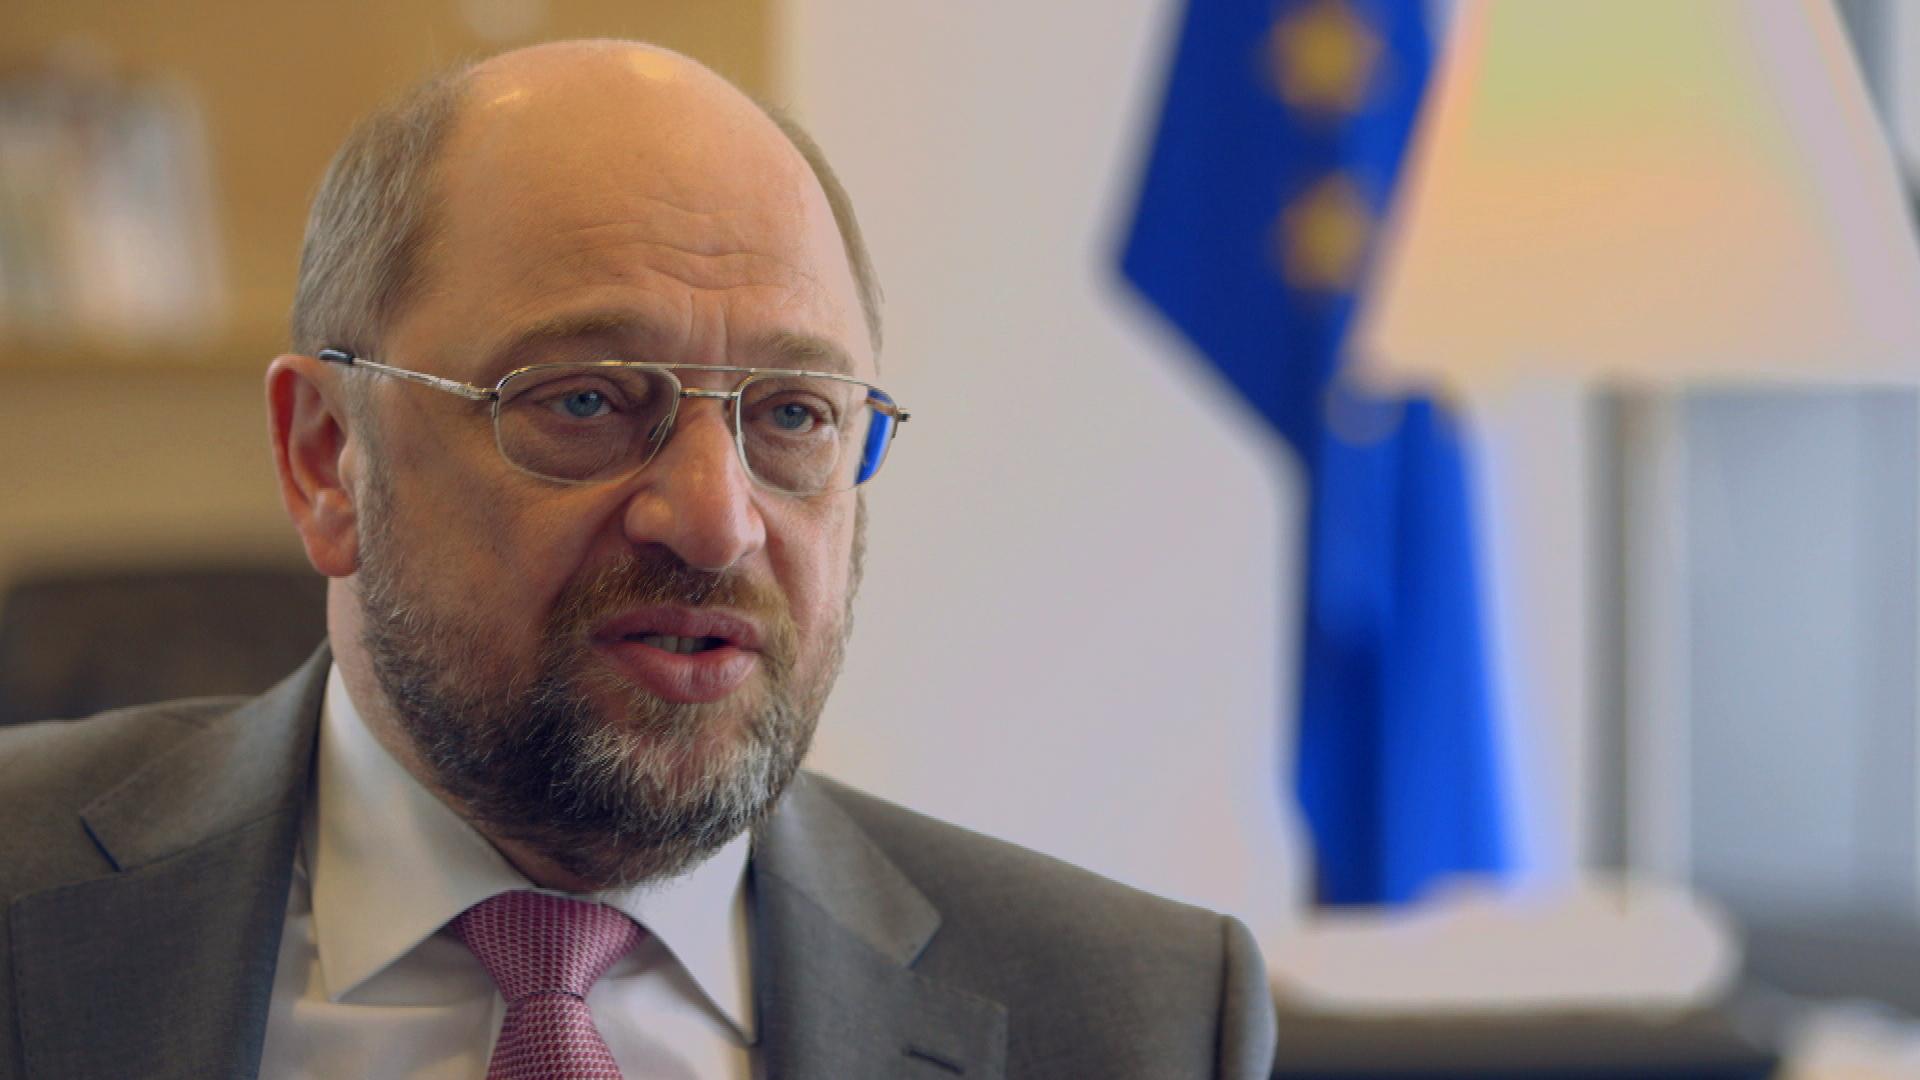 Interview mit Martin Schulz über Tiefpunkte, Europa und sein Selbstbild